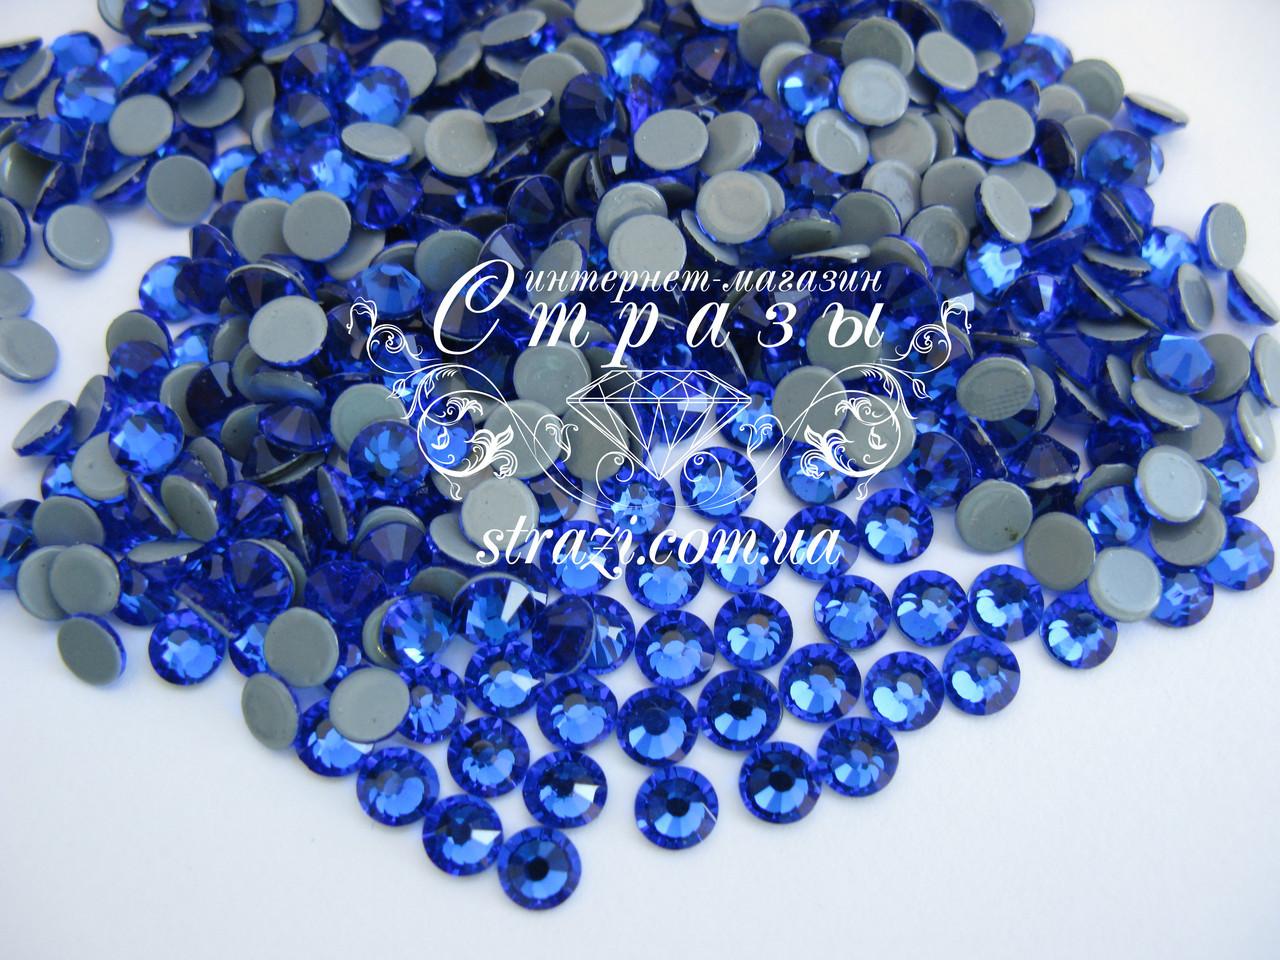 Термо стразы Lux ss16 Sapphire (4.0mm) 100шт